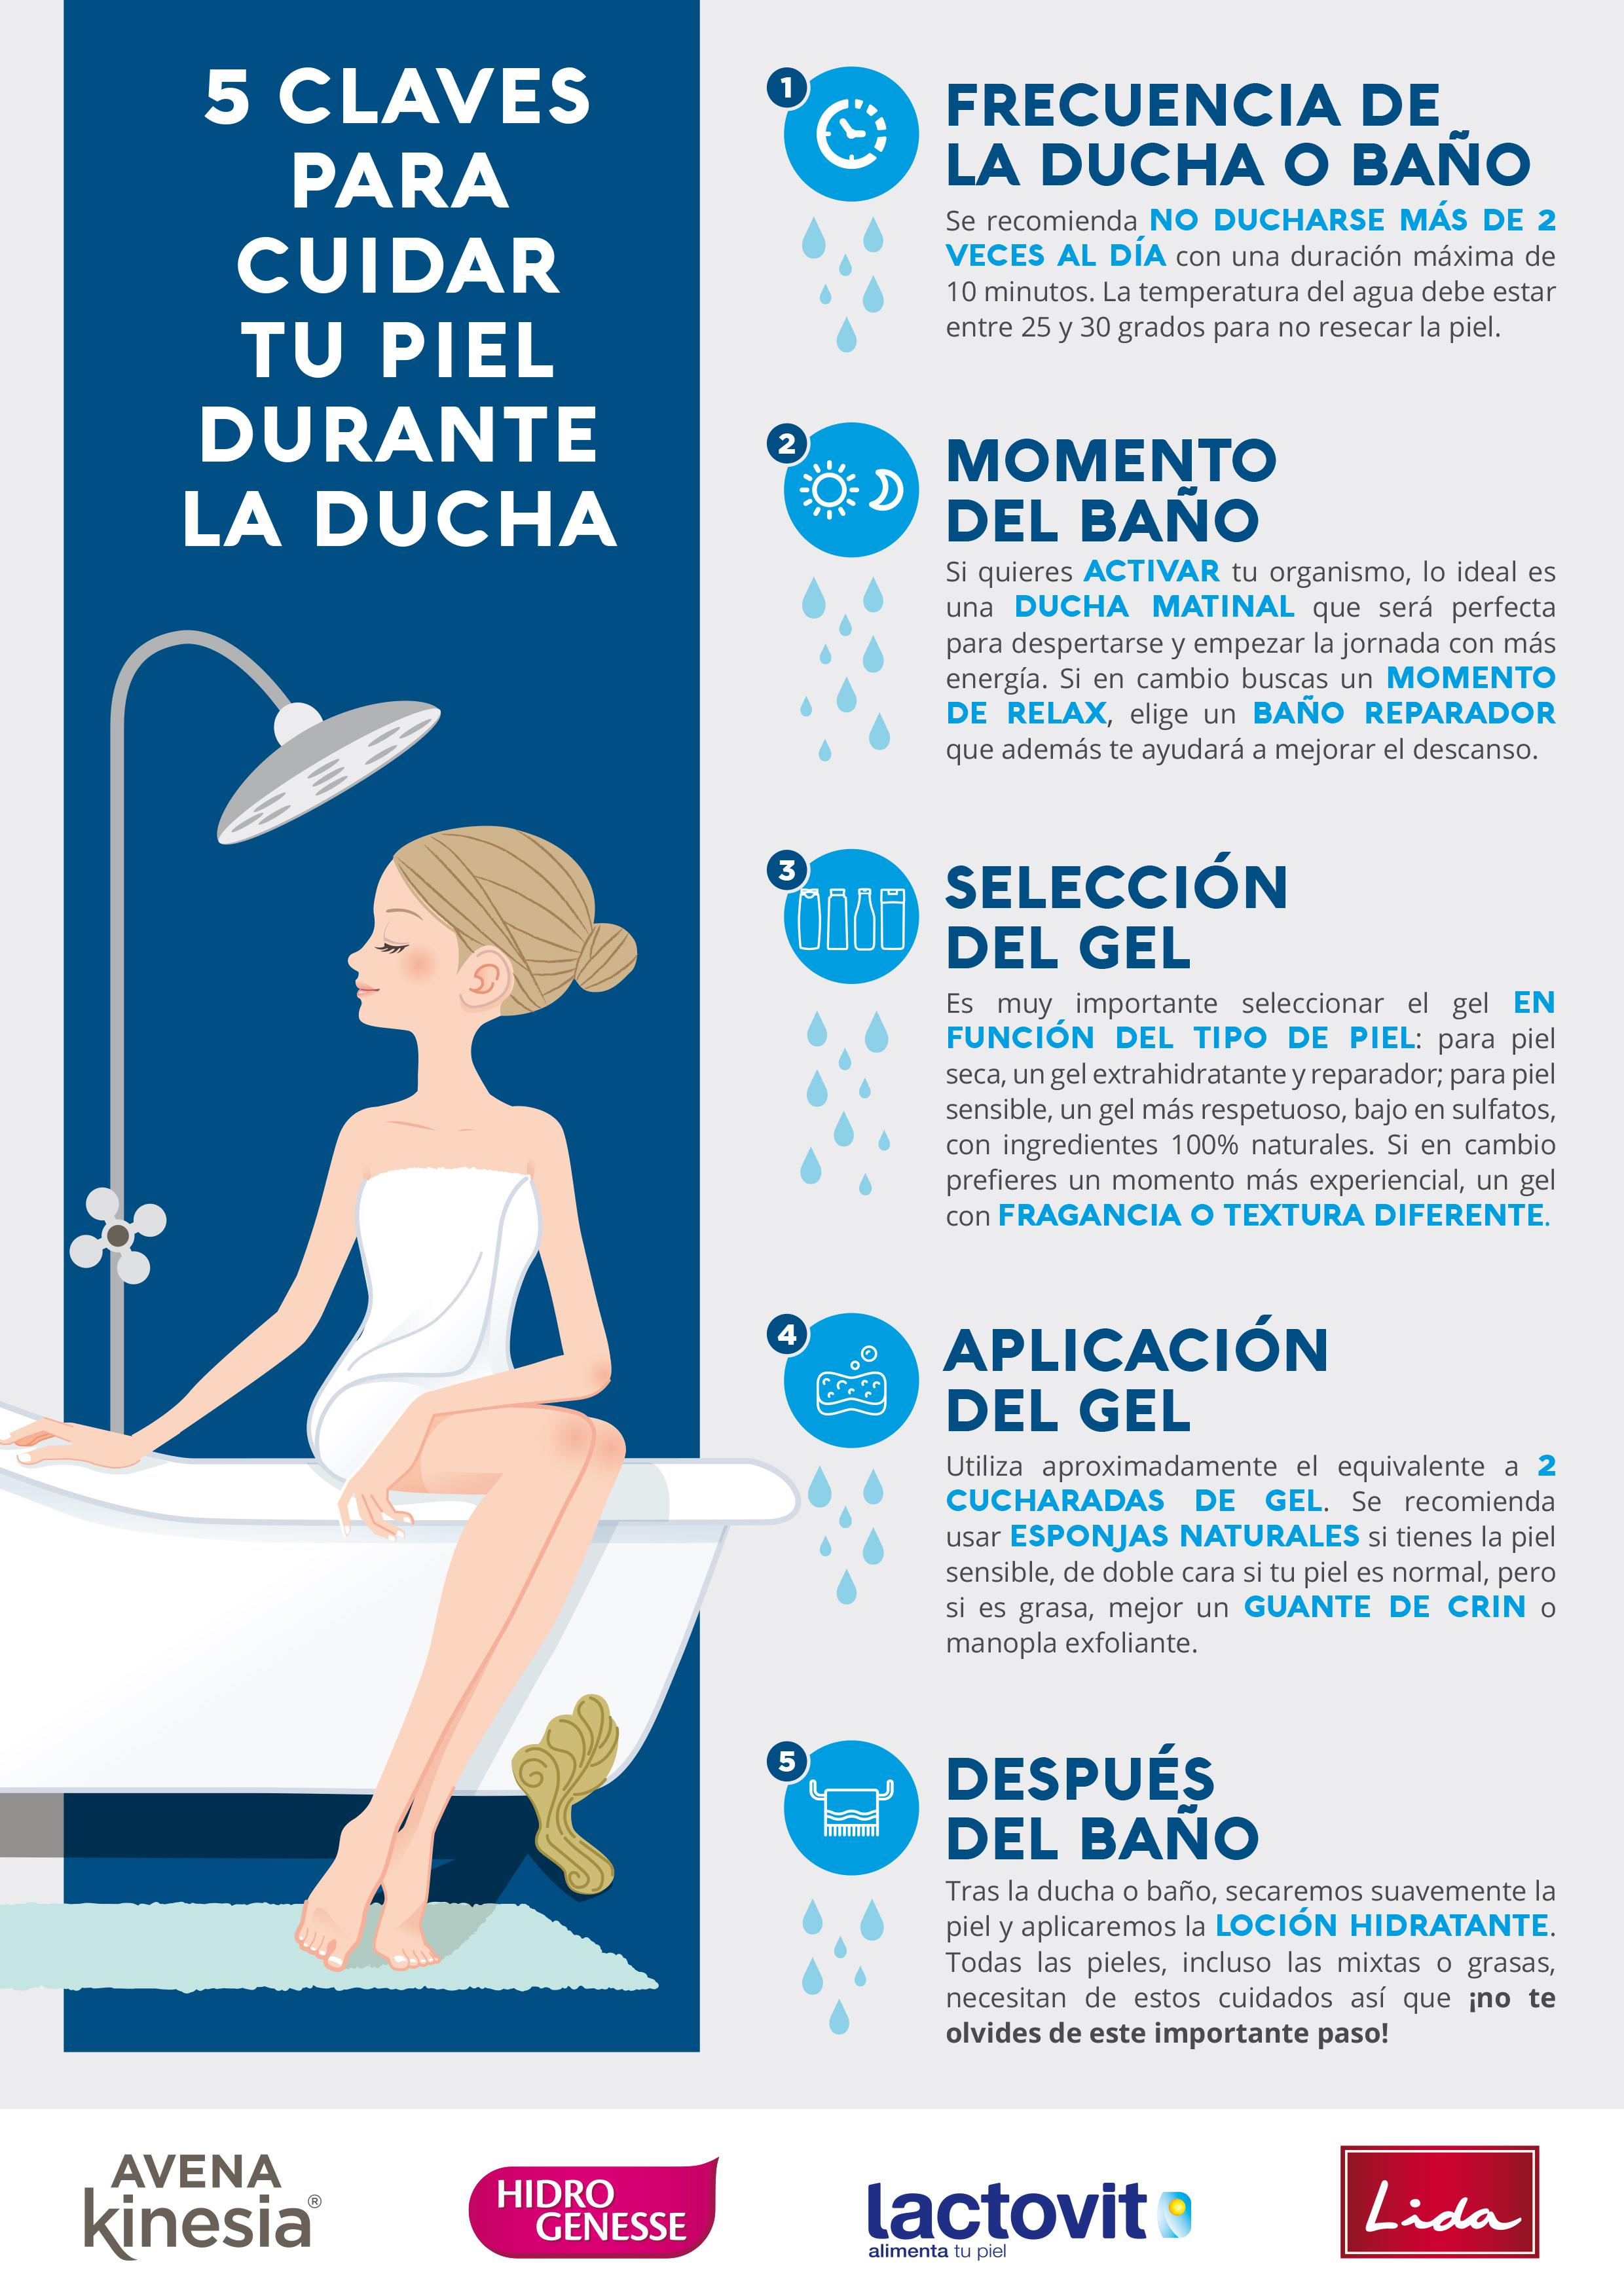 5 claves para cuidar tu piel durante la ducha